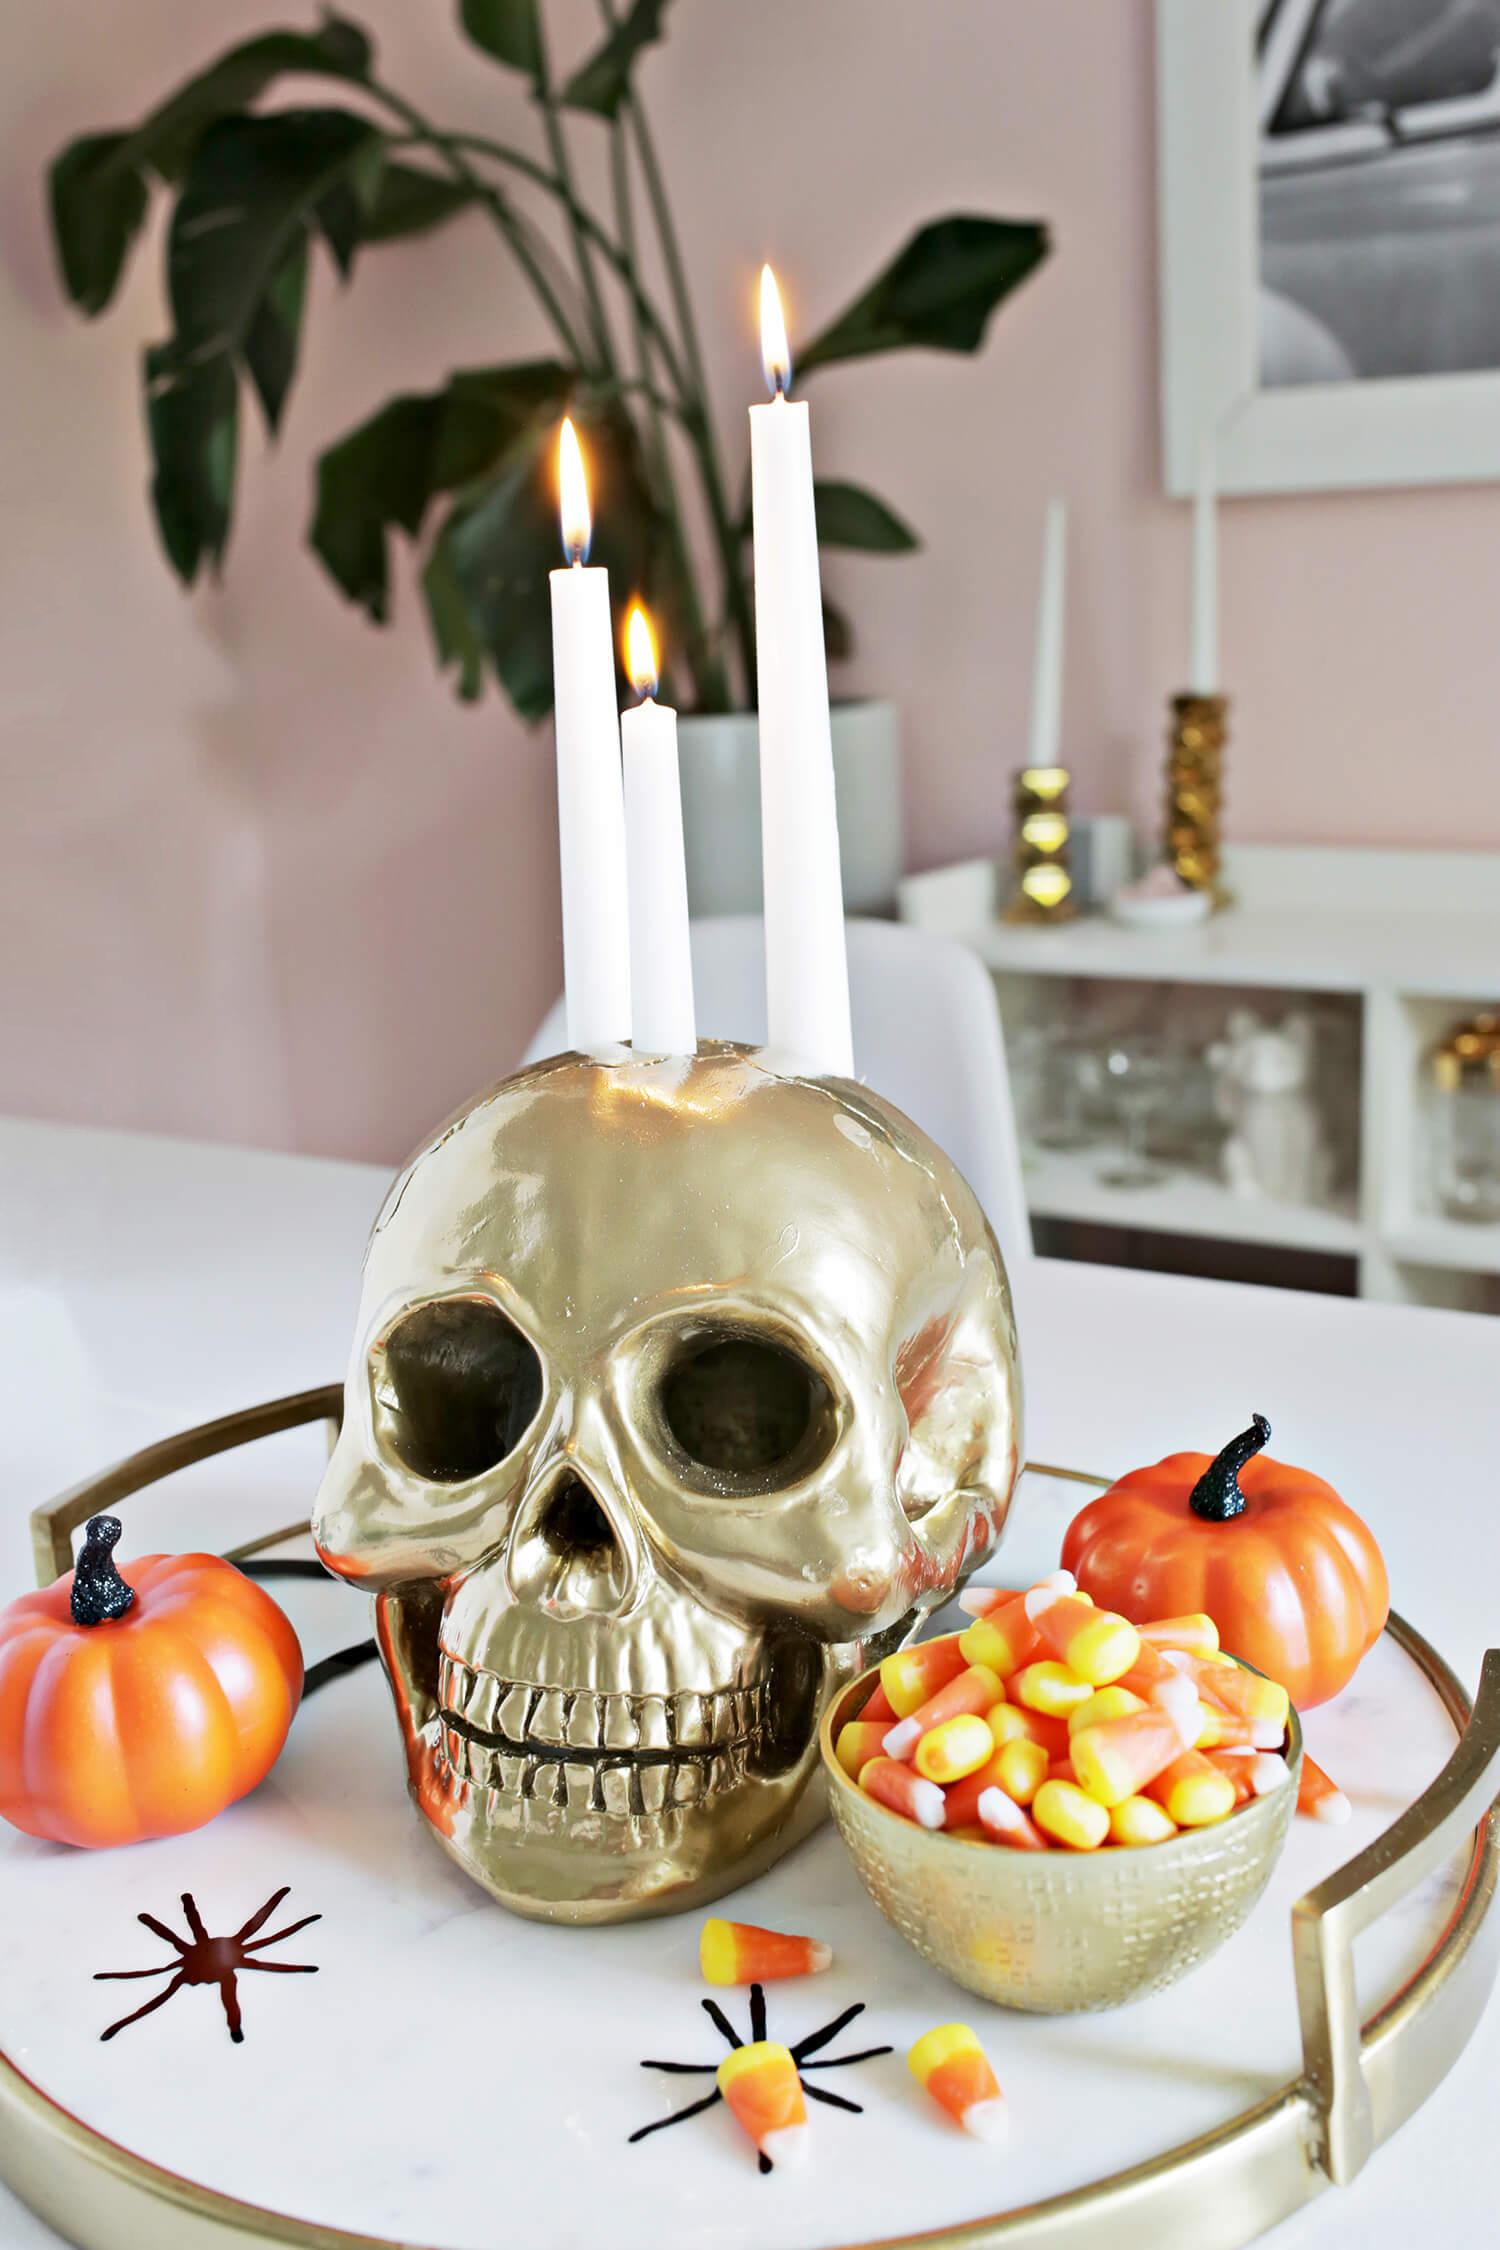 Use todo o tipo de elemento assustador ou que tenha a ver com o tema sobrenatural que você tenha em casa!